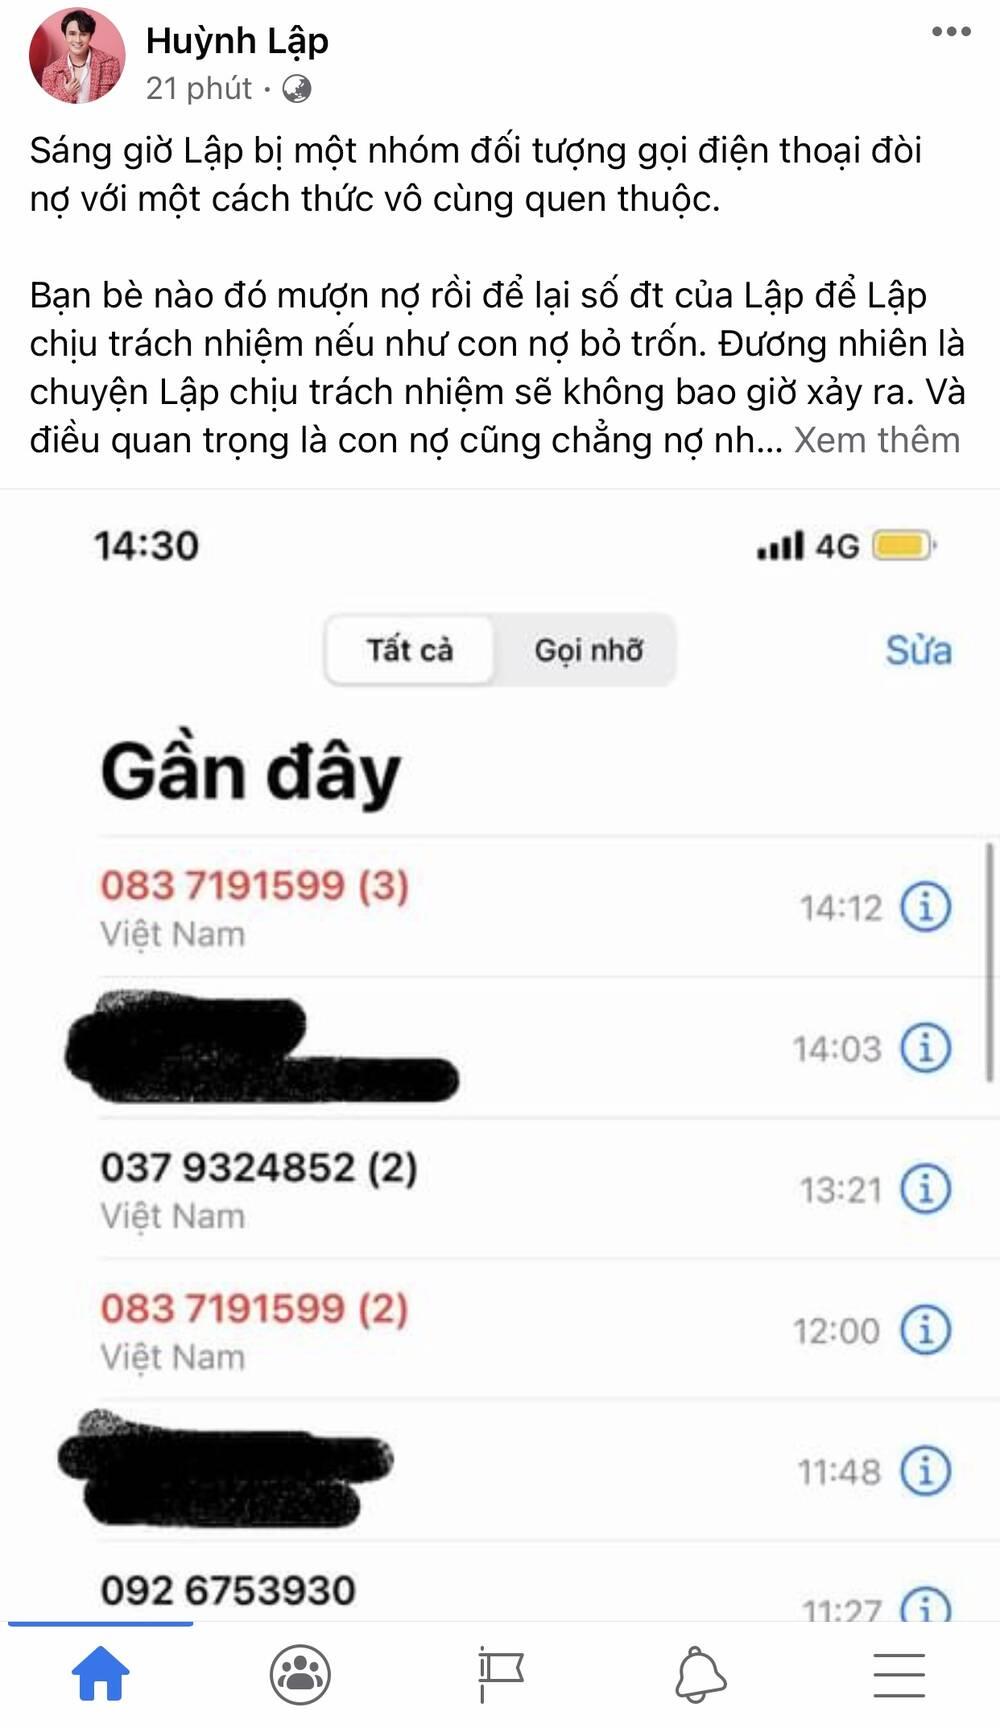 Huỳnh Lập bị hàng loạt cuộc điện thoại gọi đòi nợ tới tấp, phải nhờ công an vào cuộc